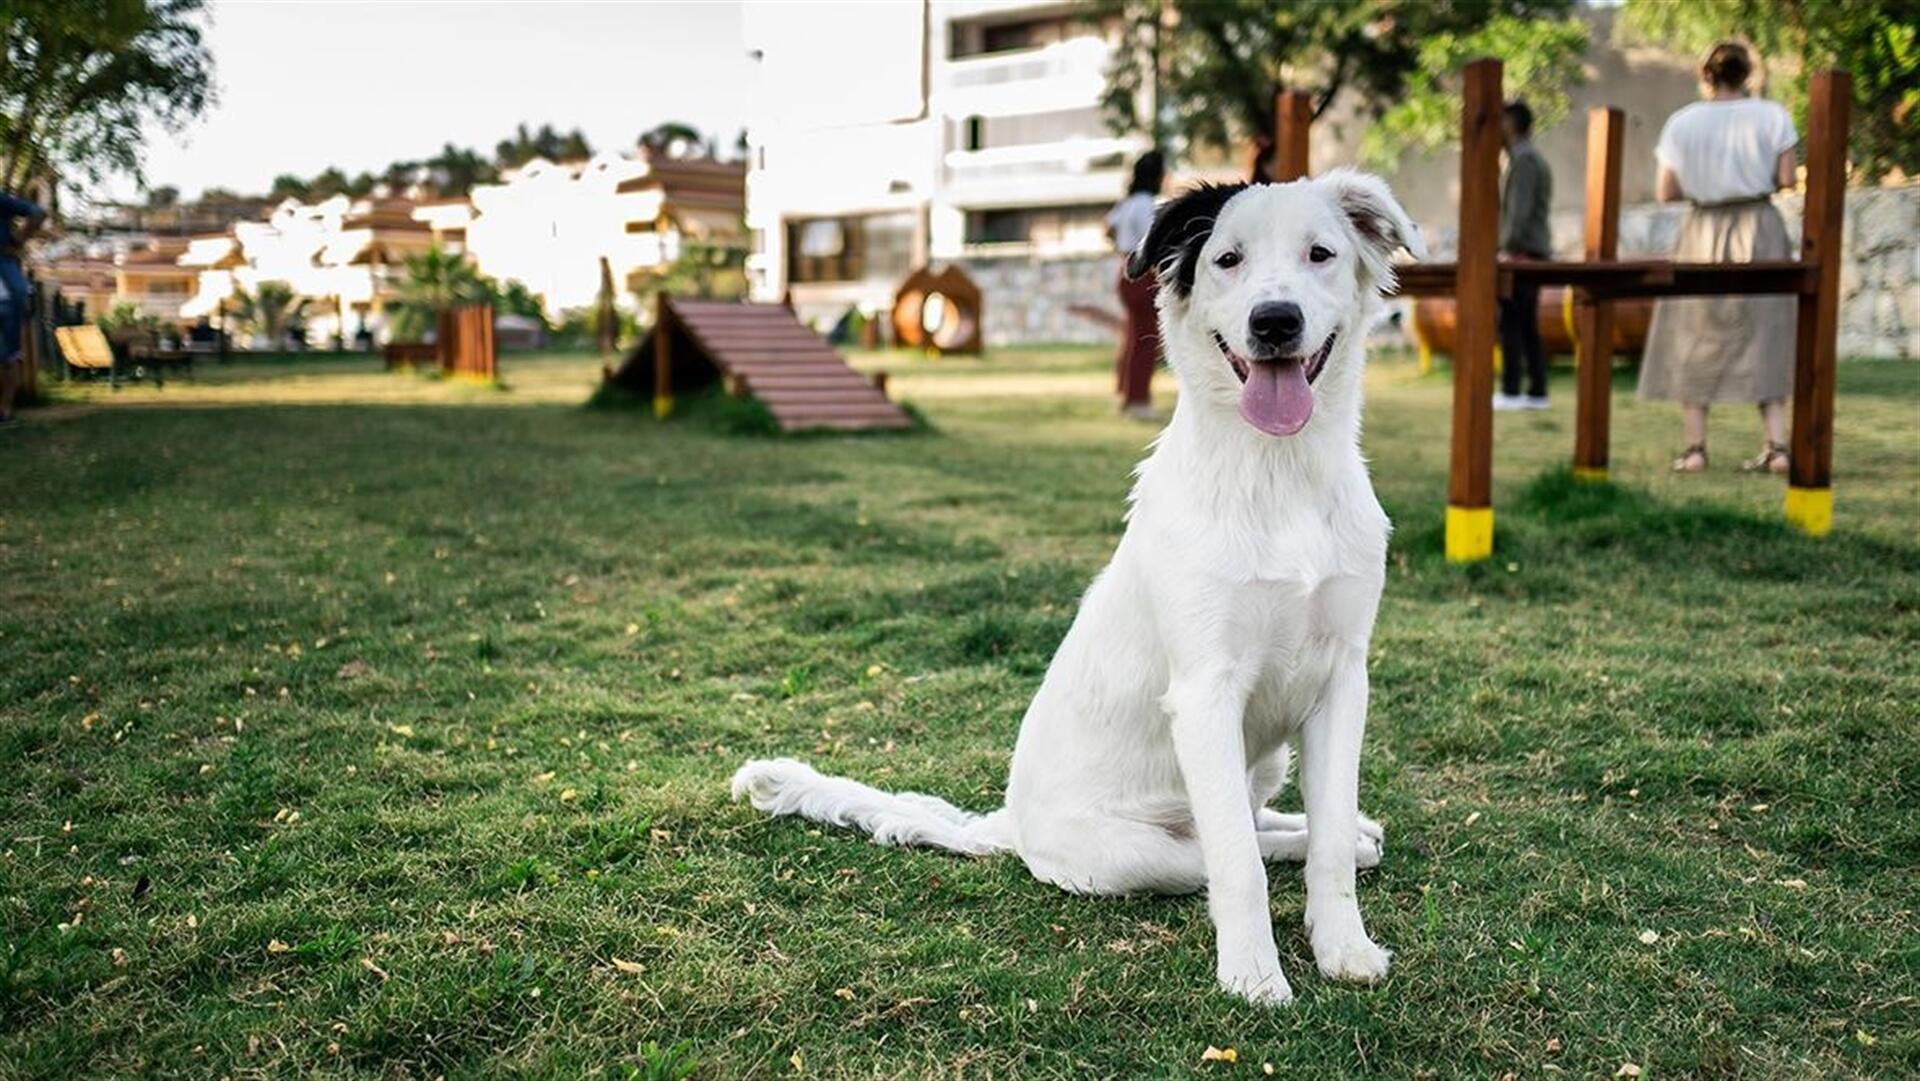 Tendencias en los parques para perros en aumento